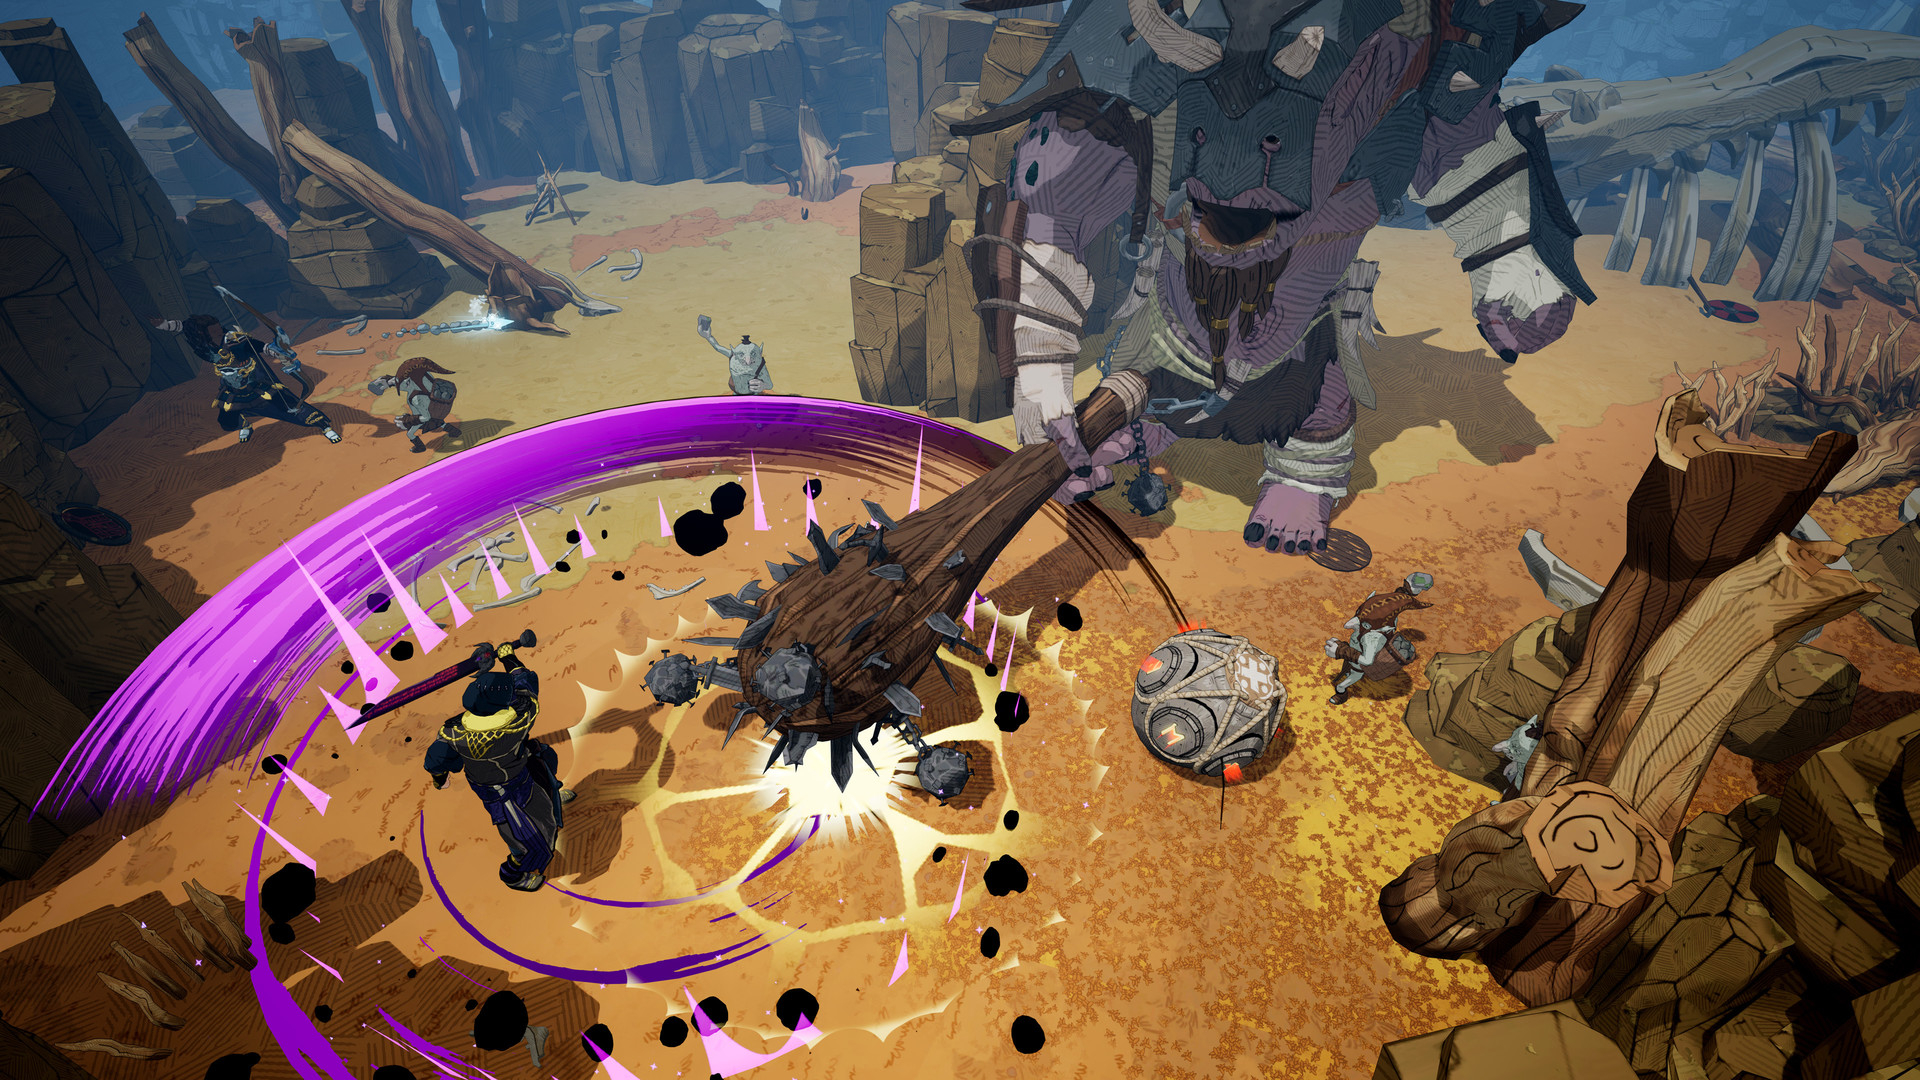 Видео: сражения с разнообразными великанами в геймплейной демонстрации Tribes of Midgard